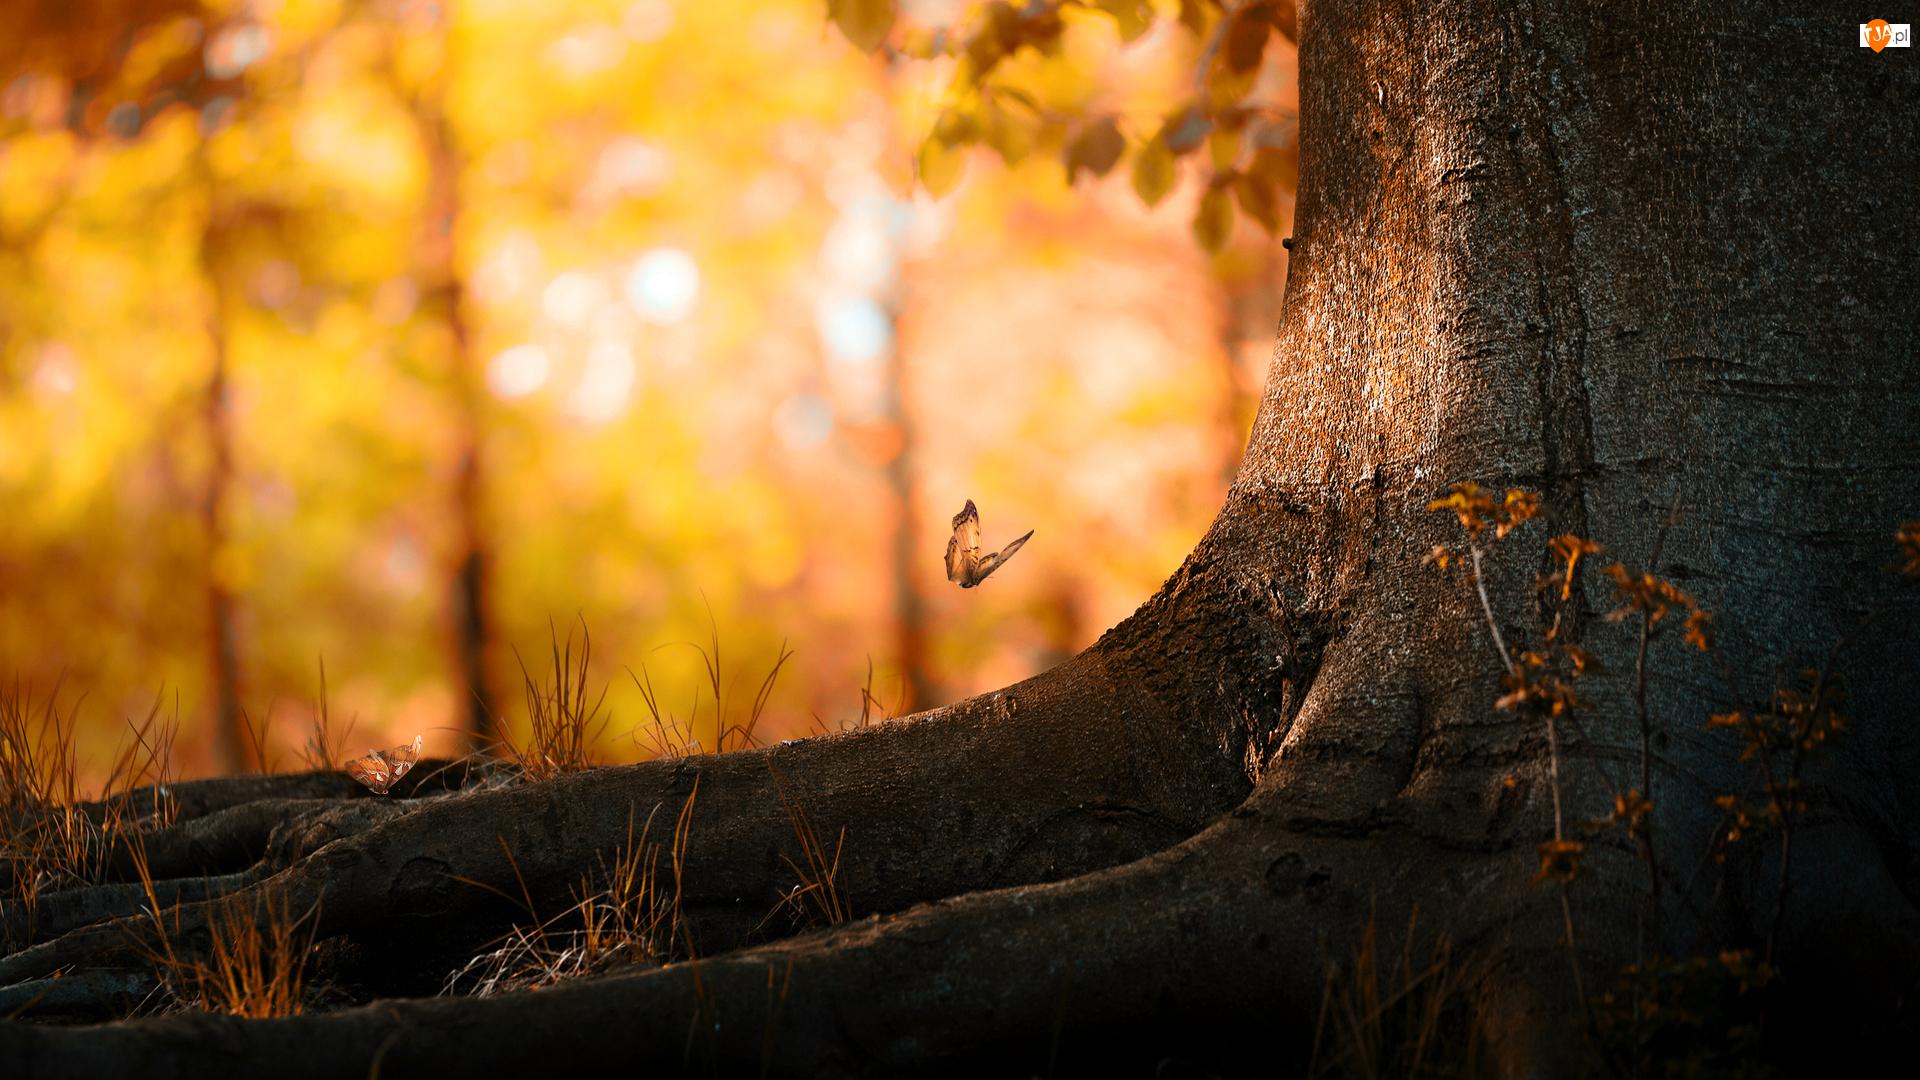 Motyl, Drzewo, Korzenie, Pień